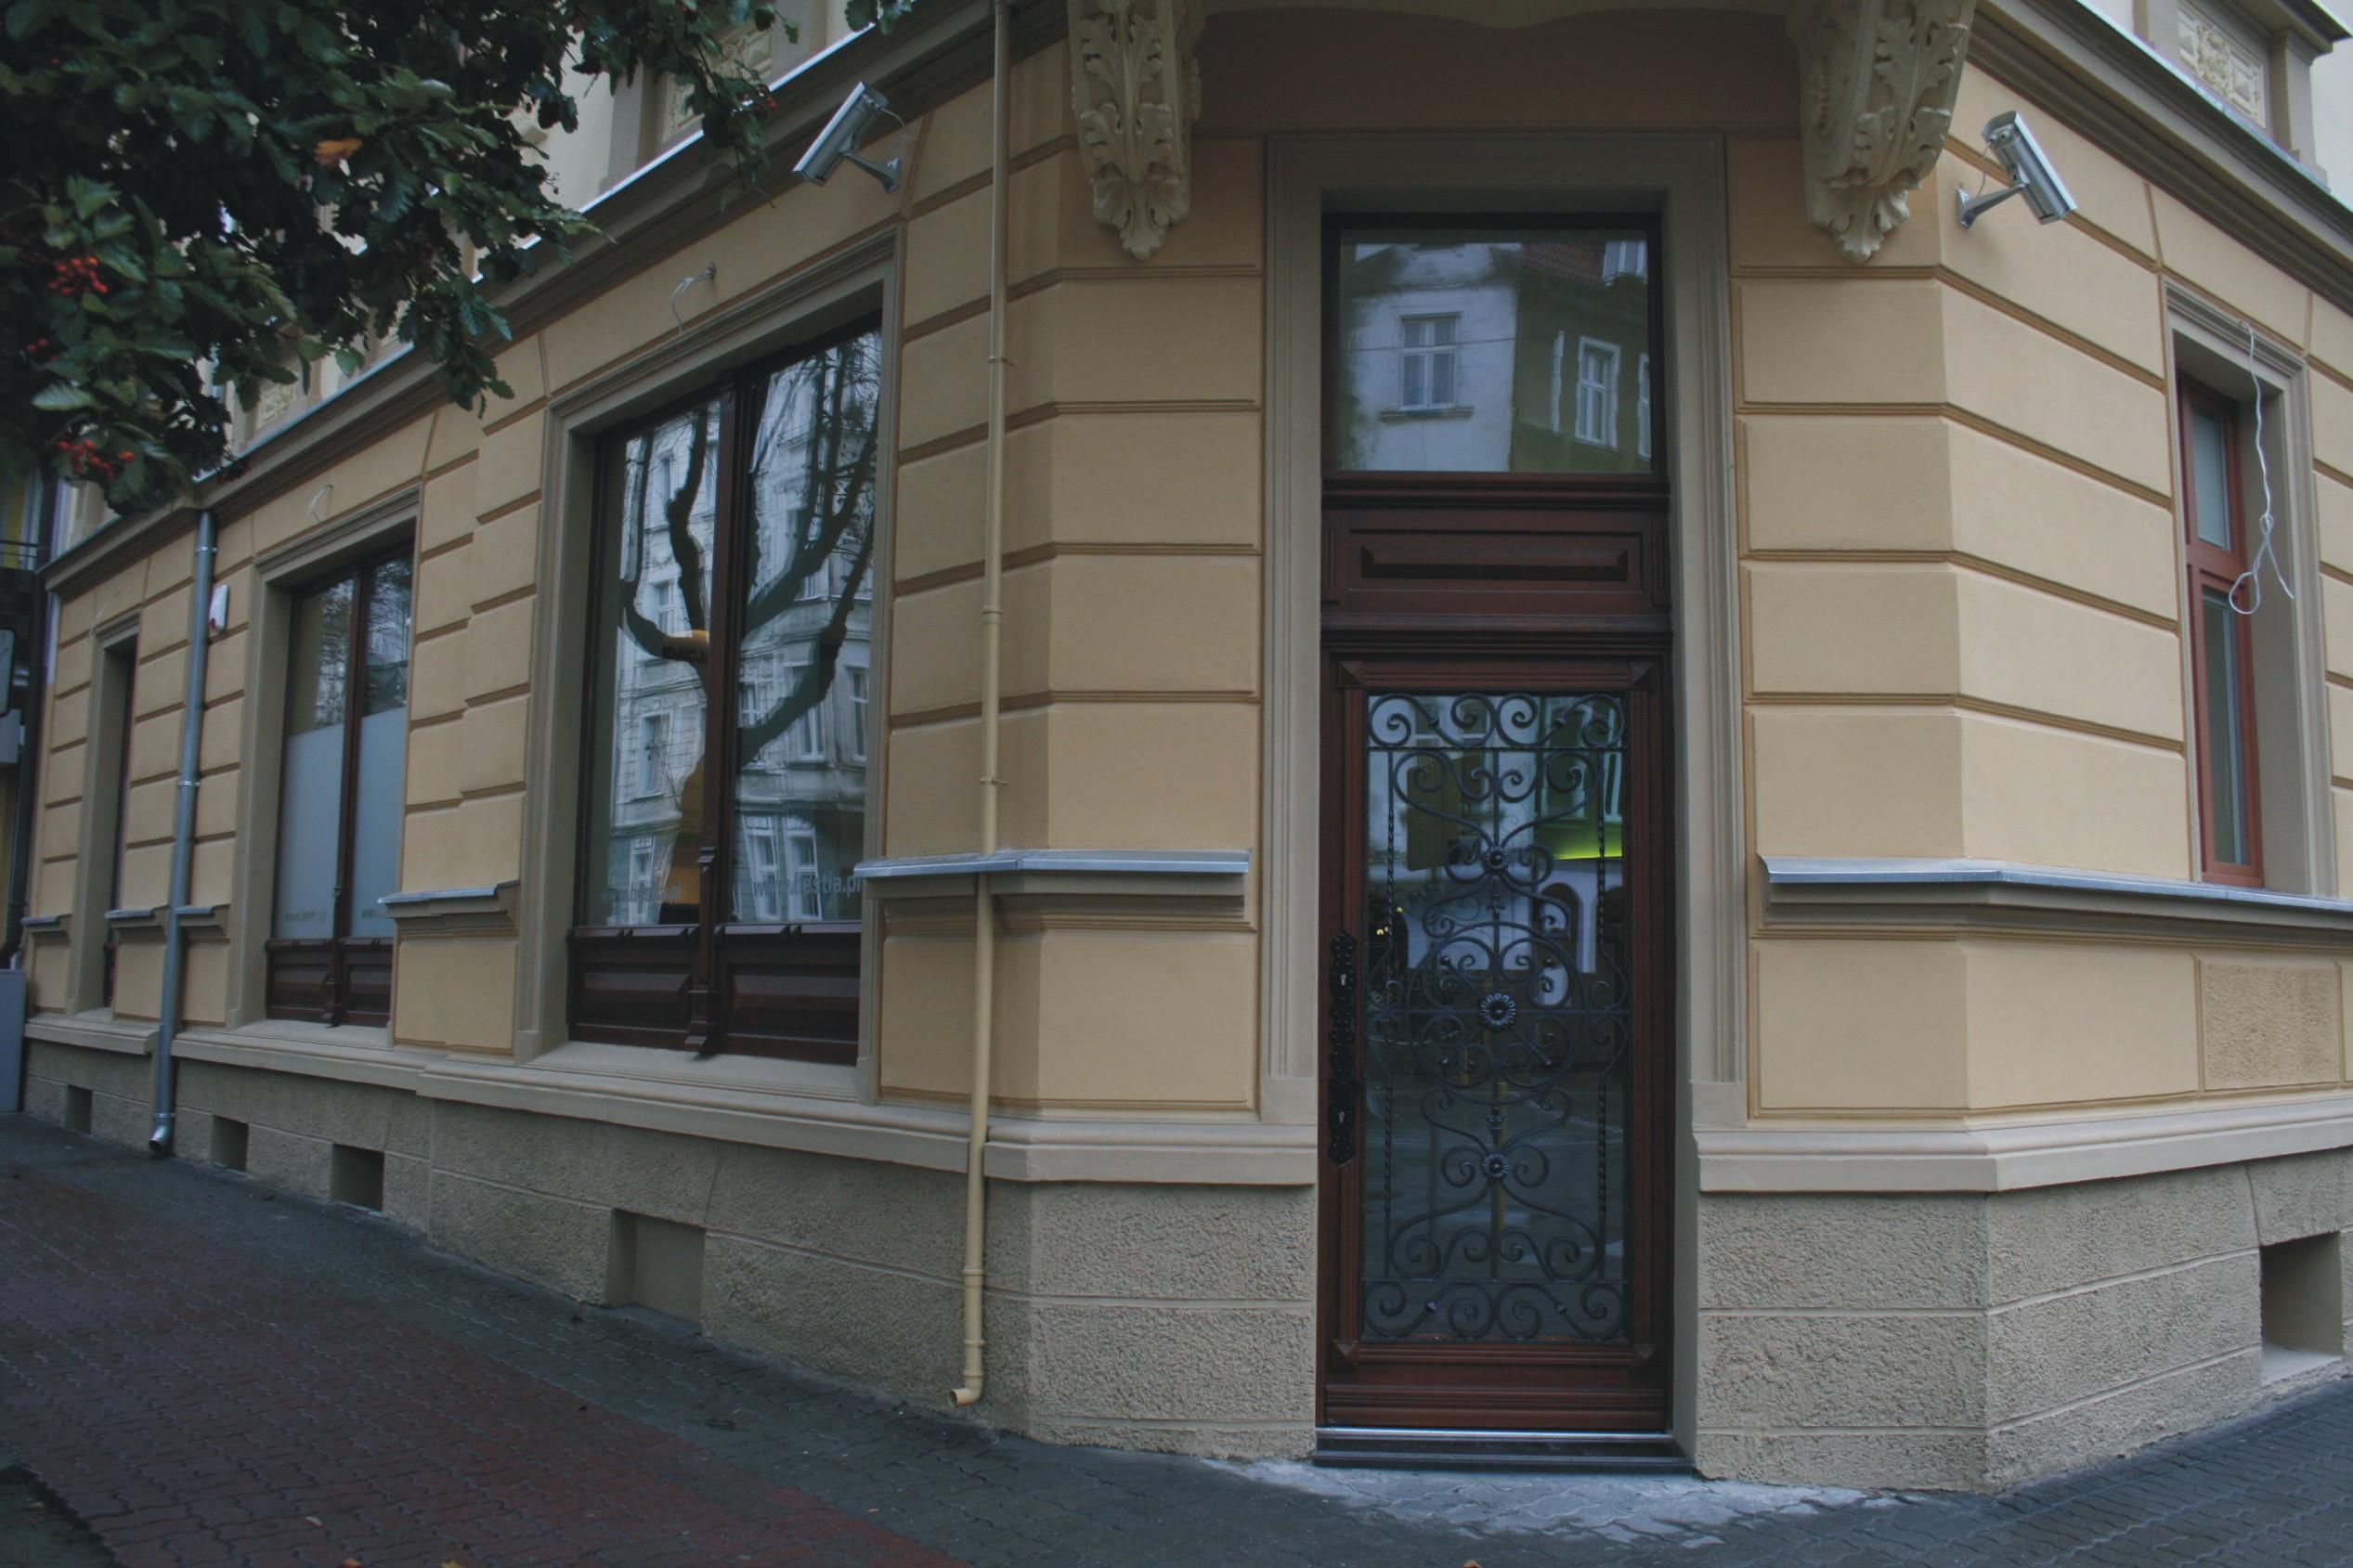 Wejście do biura ubezpieczeń w Gorzowie